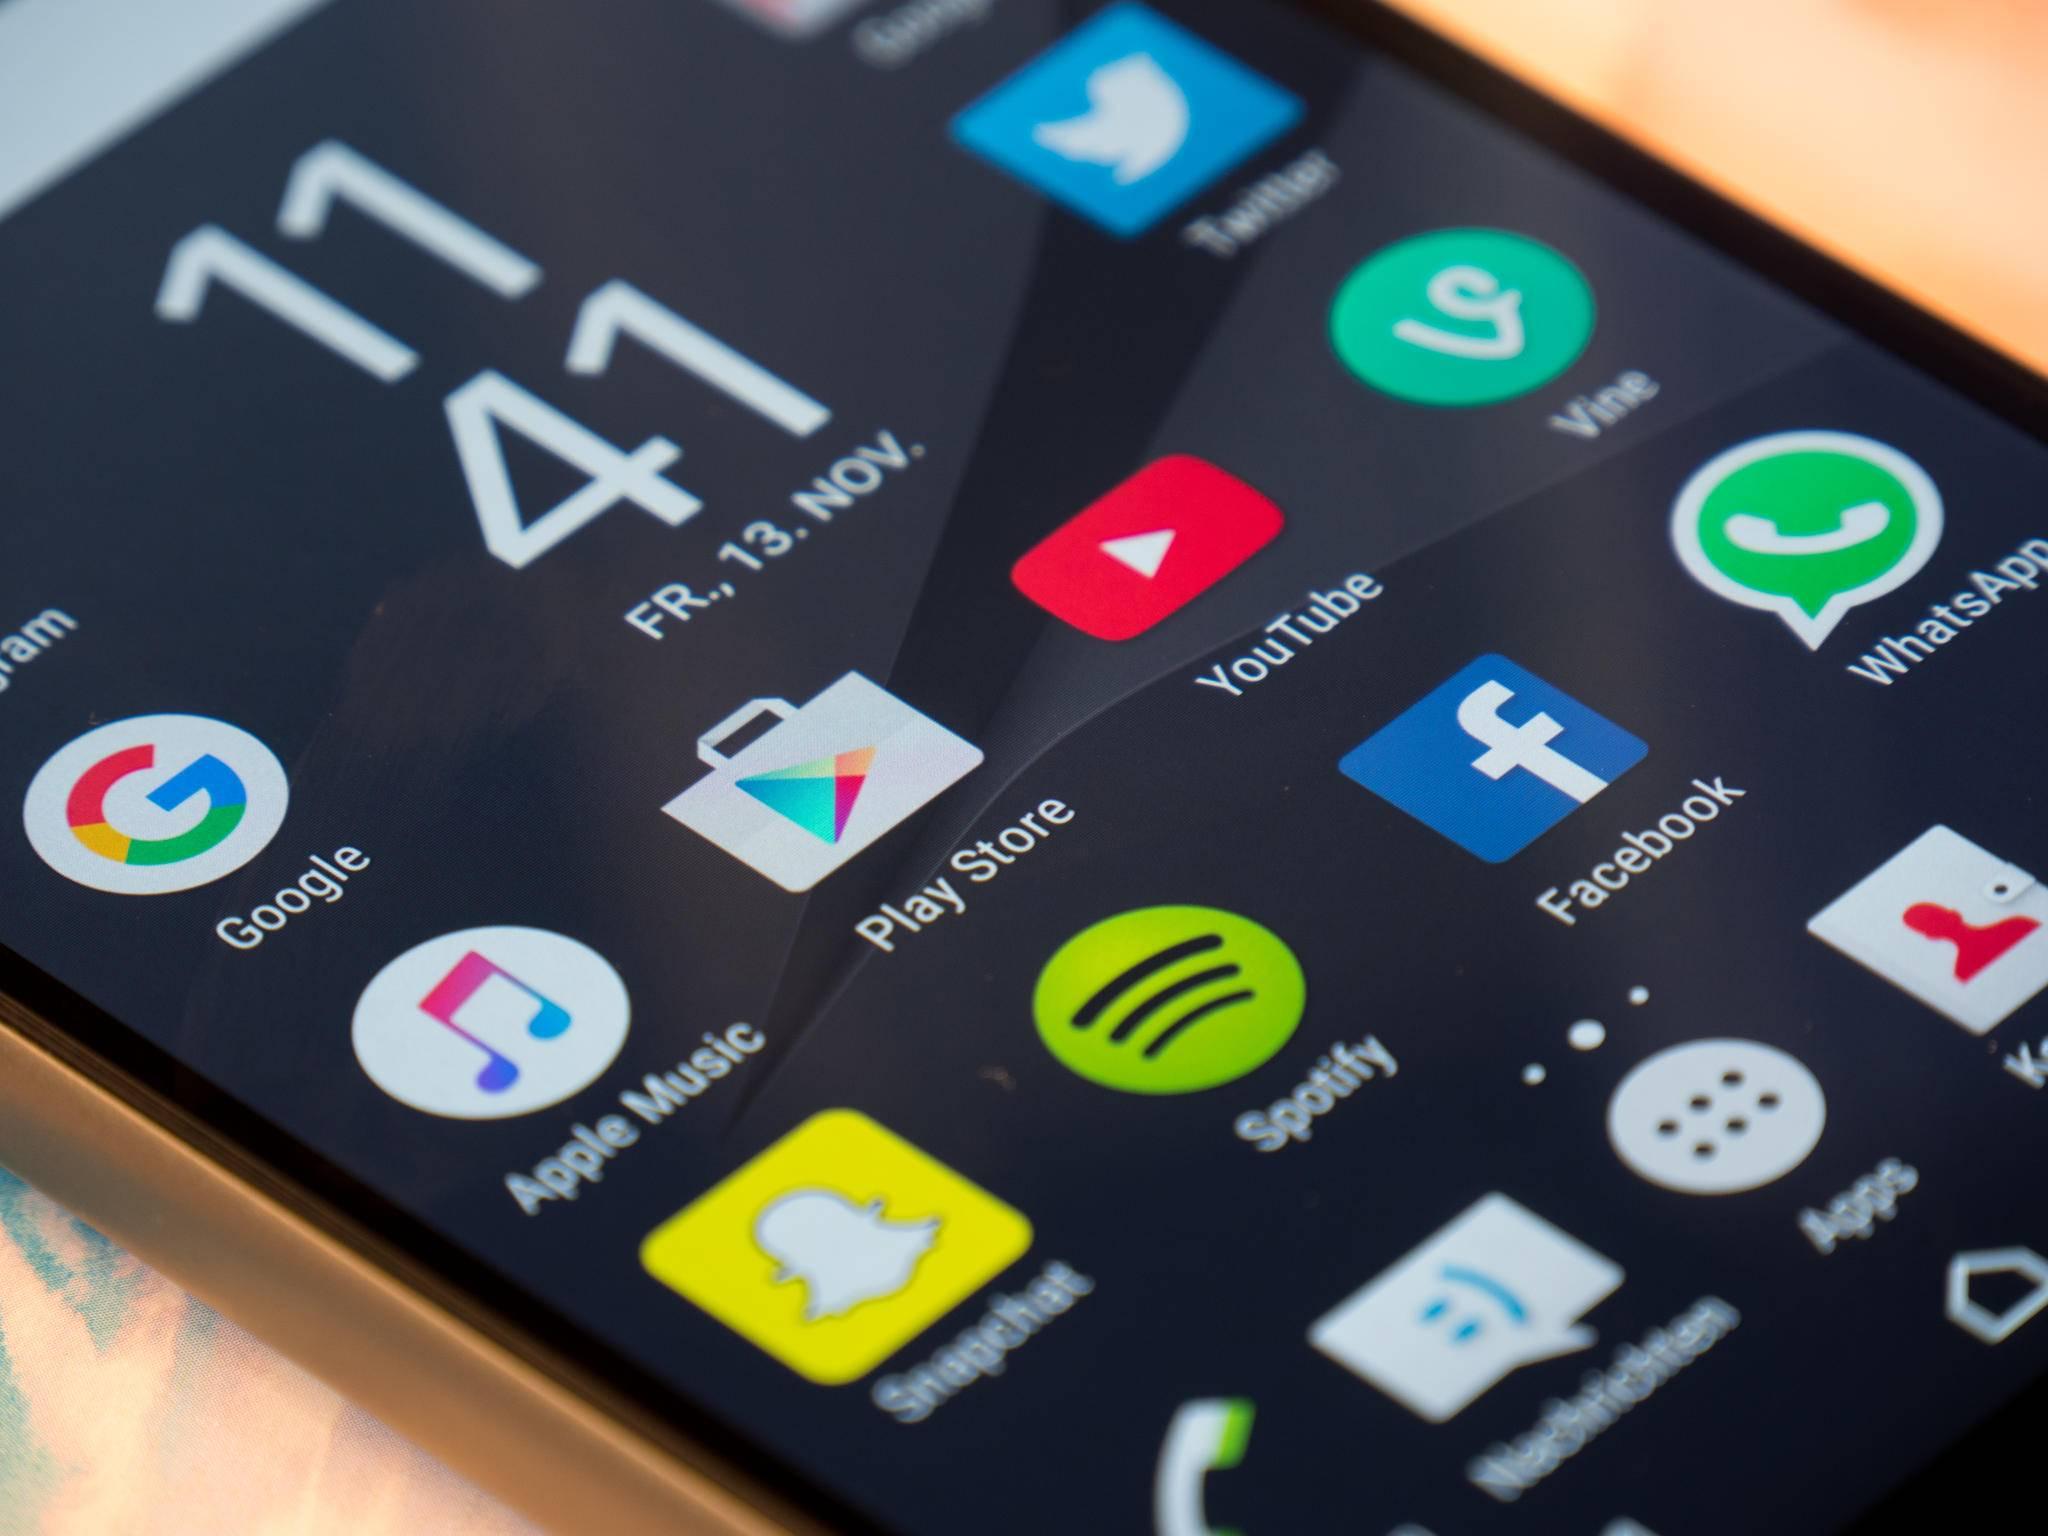 Mehr Entwicklerfreiheiten bedeuten auch mehr Risiko für App-Nutzer.